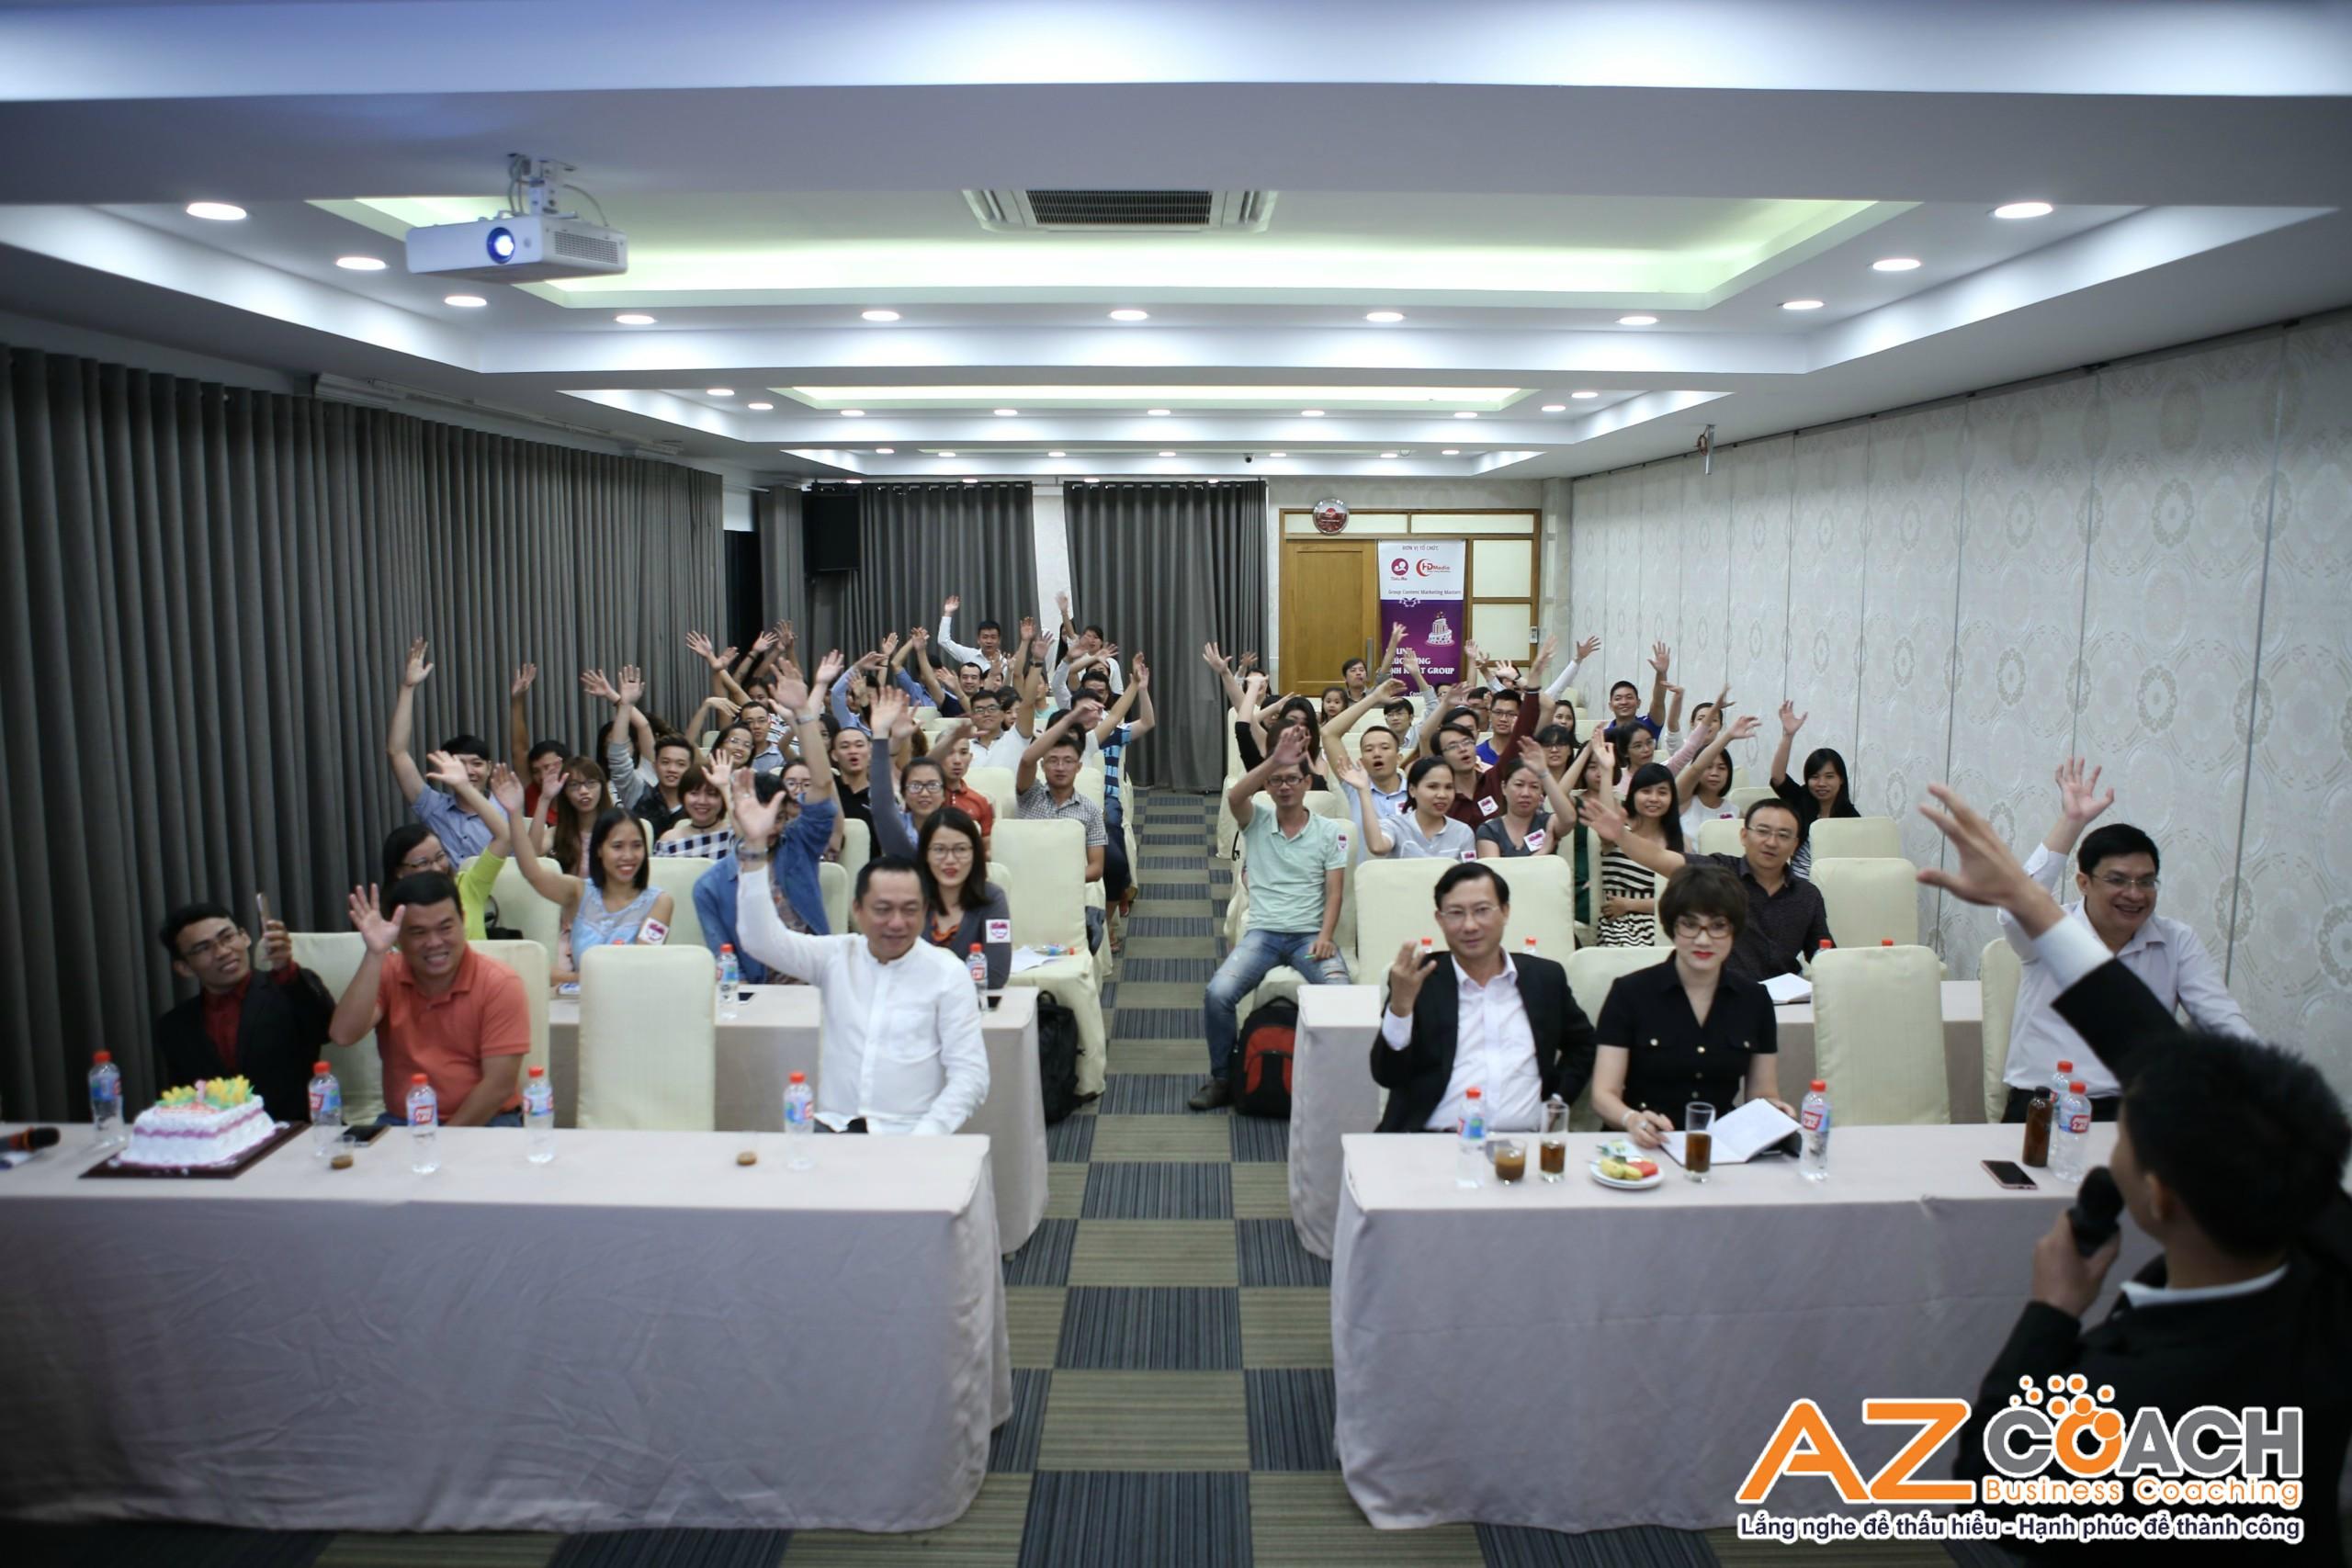 báo nói về khóa đào tạo của AZ COACH